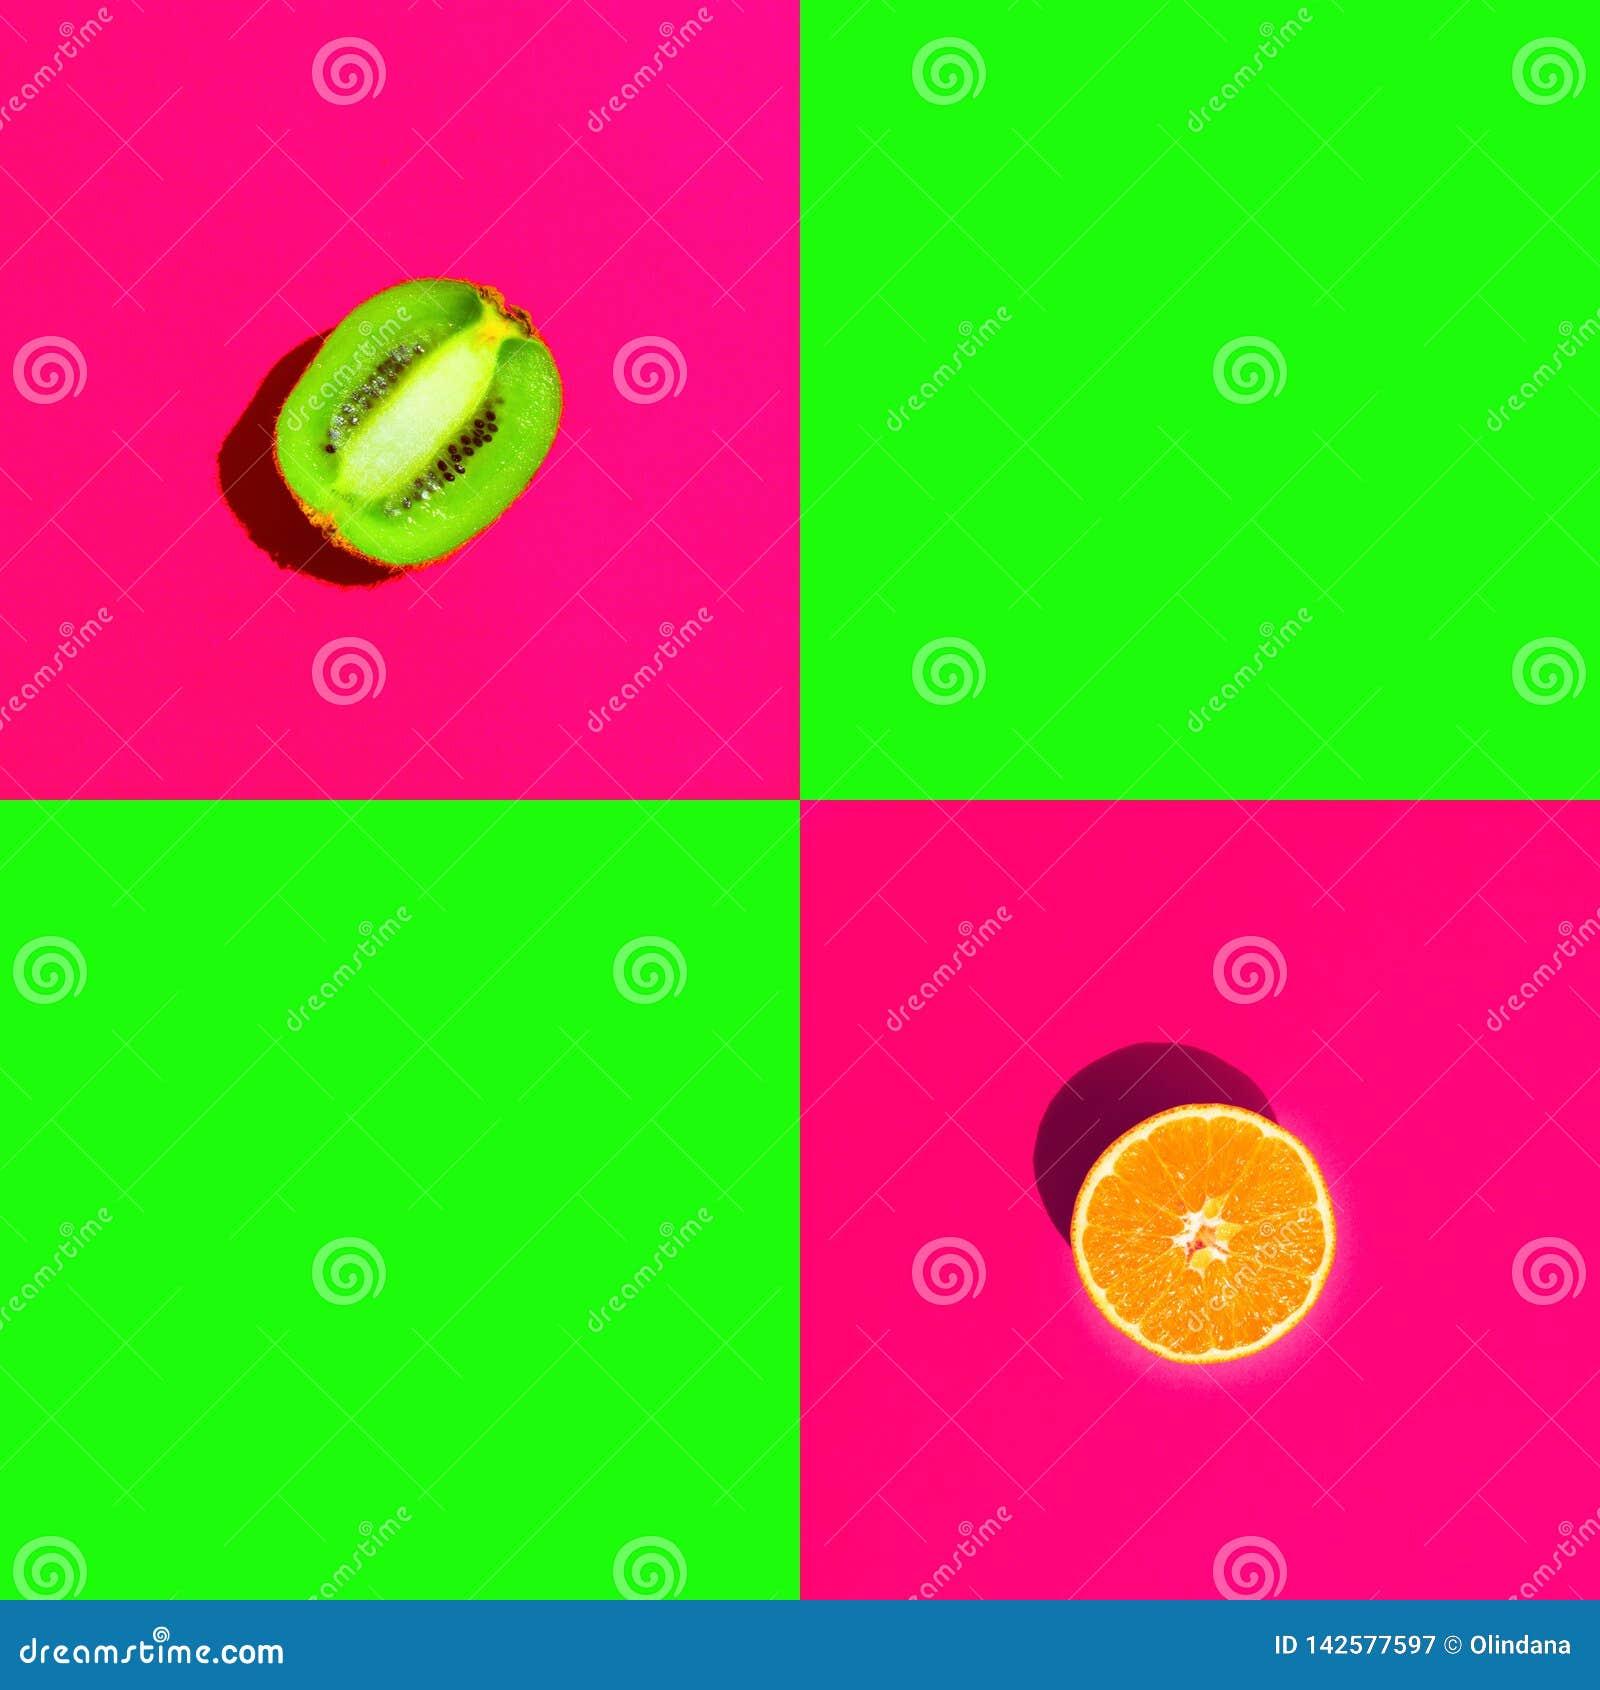 Rijpe sappige gehalveerde oranje kiwi op fuchsiakleurig roze groene achtergrond van het duotone de heldere neon met lege vierkant